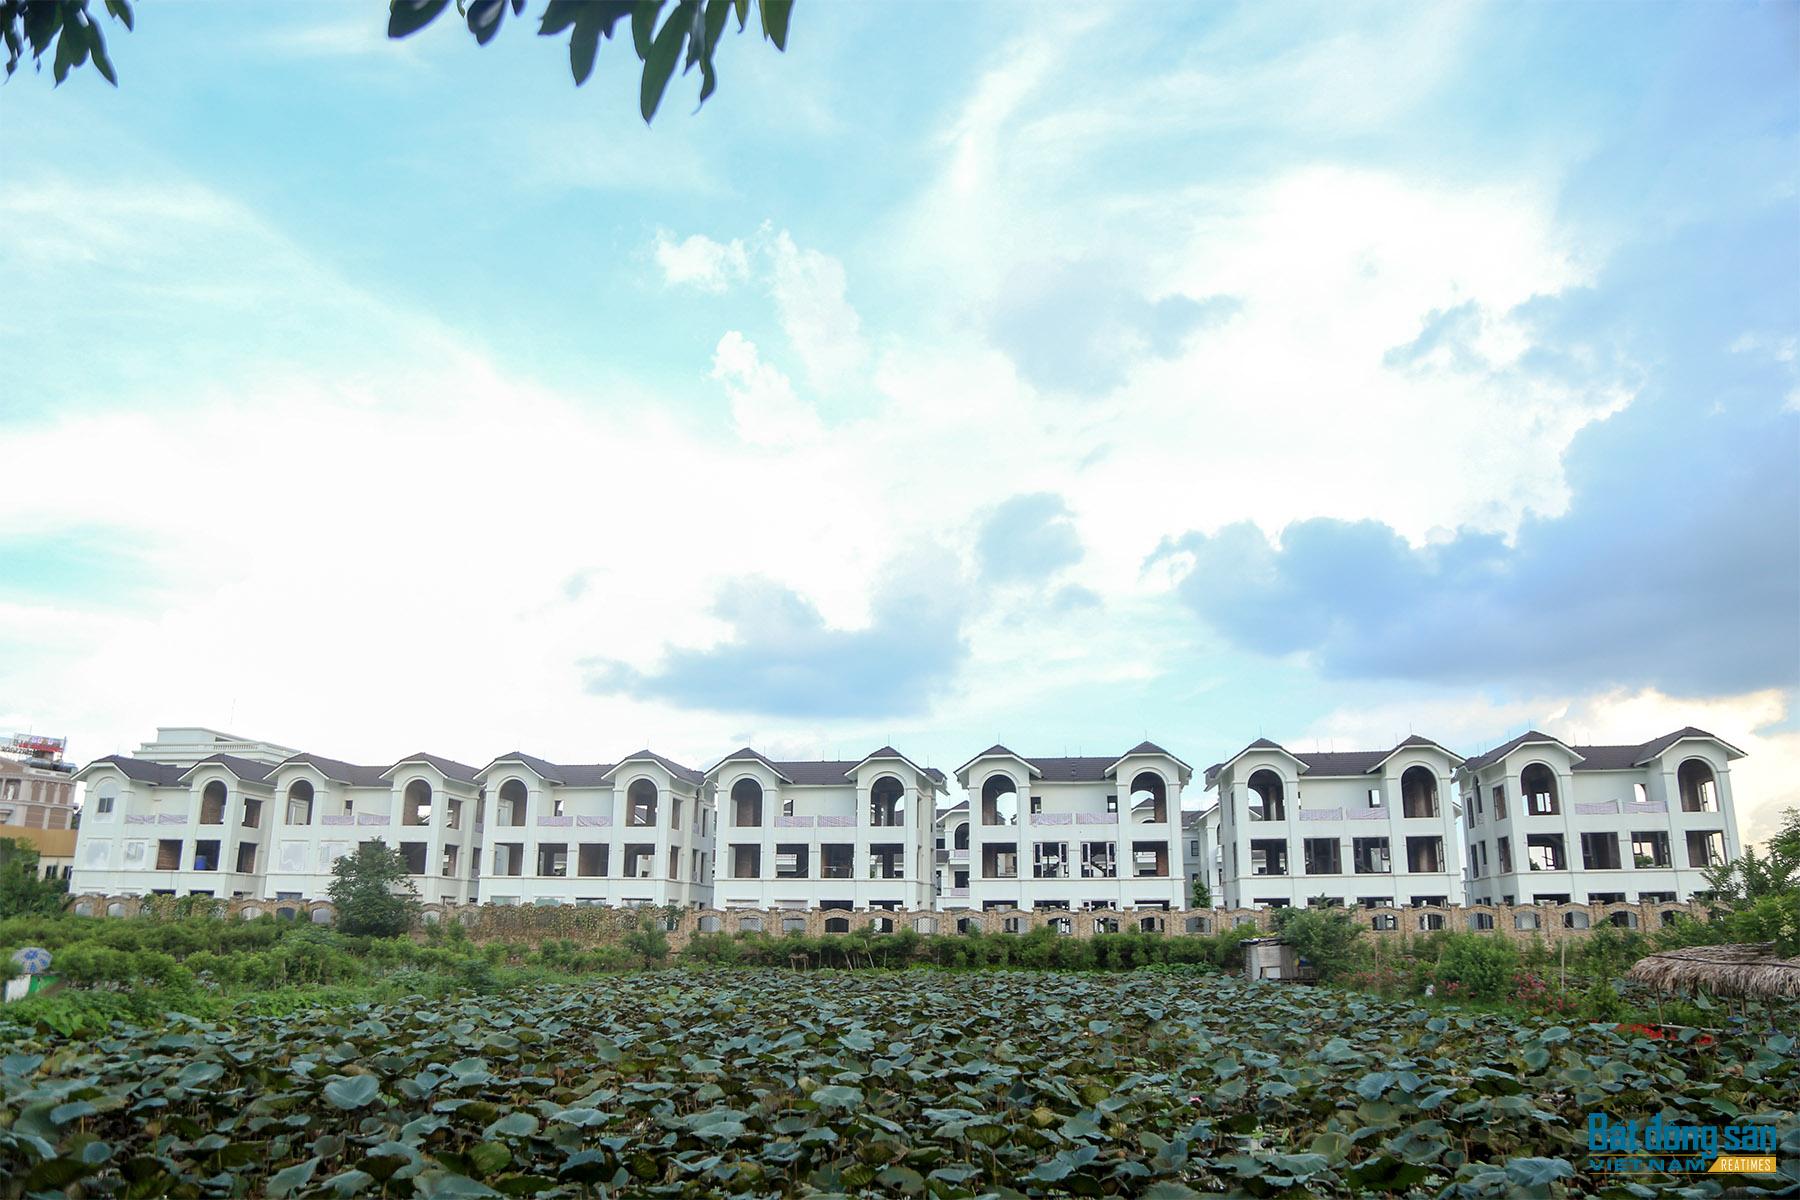 Reatimes_4.png, Dự án 44 căn biệt thự bỏ hoang, làng Đoàn kết